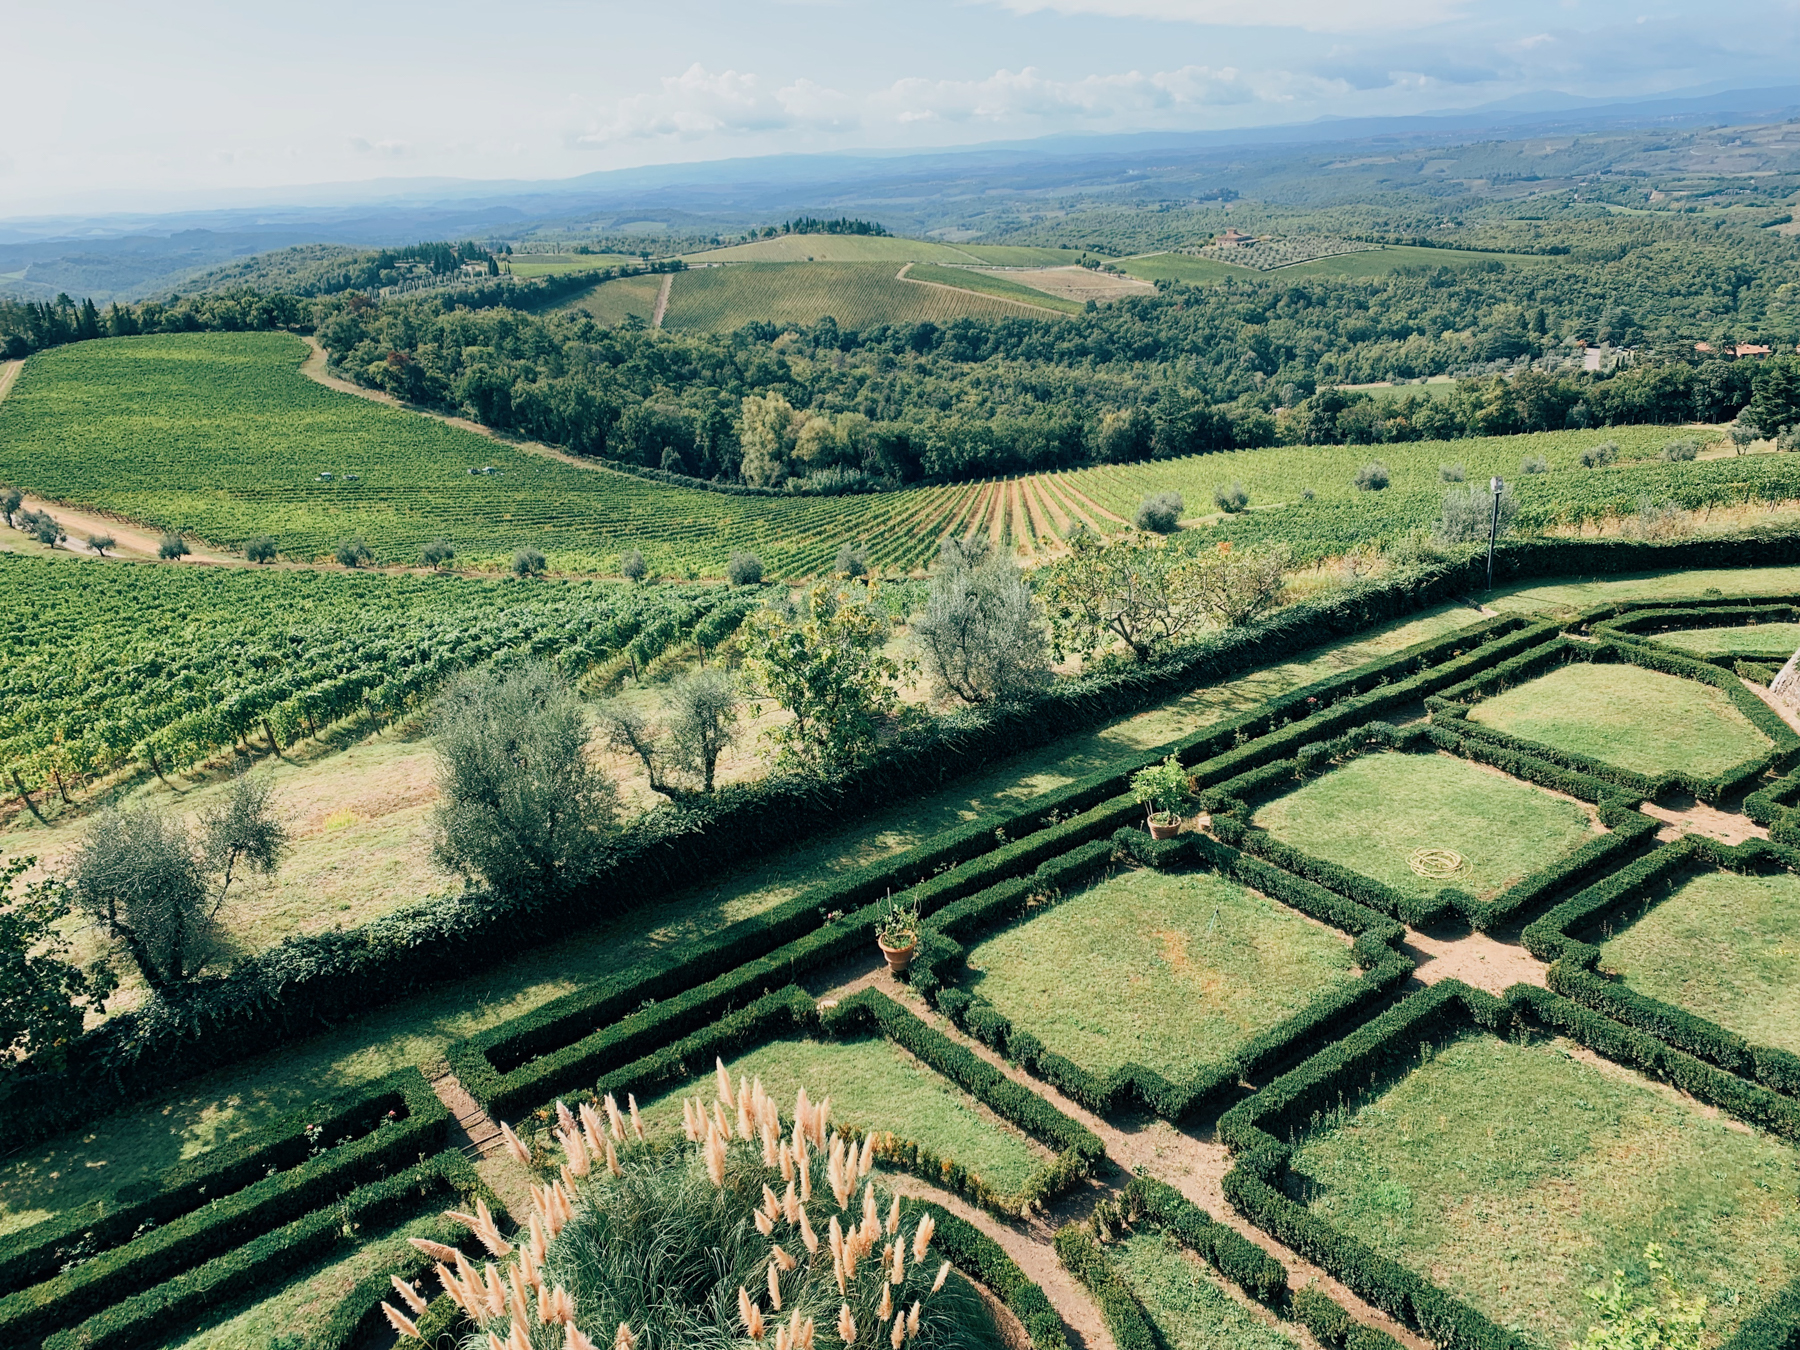 Gardens at Castello di Brolio.